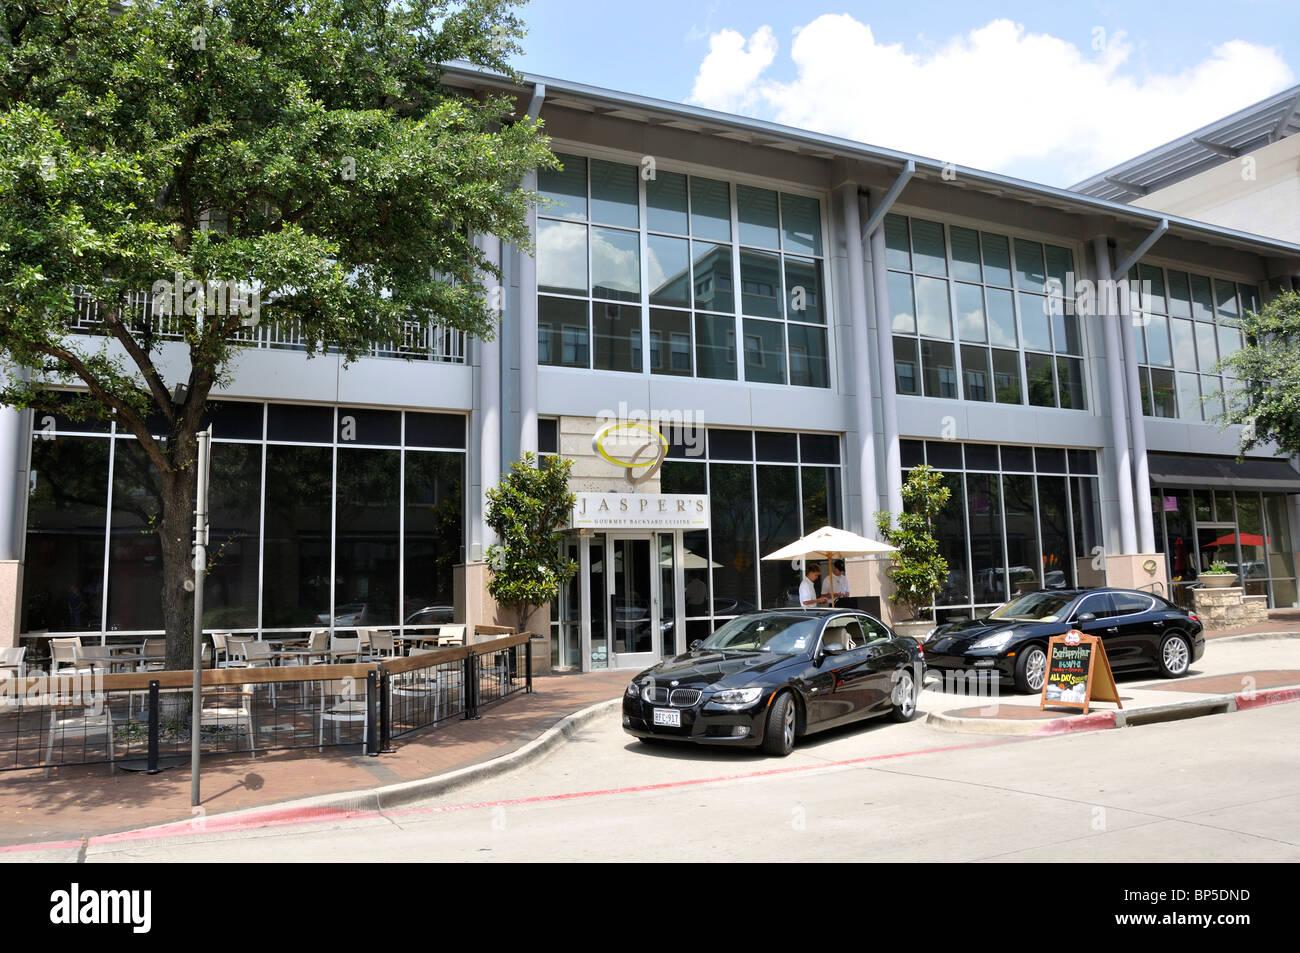 Jasper S Restaurant In Plano Texas Usa Stock Photo